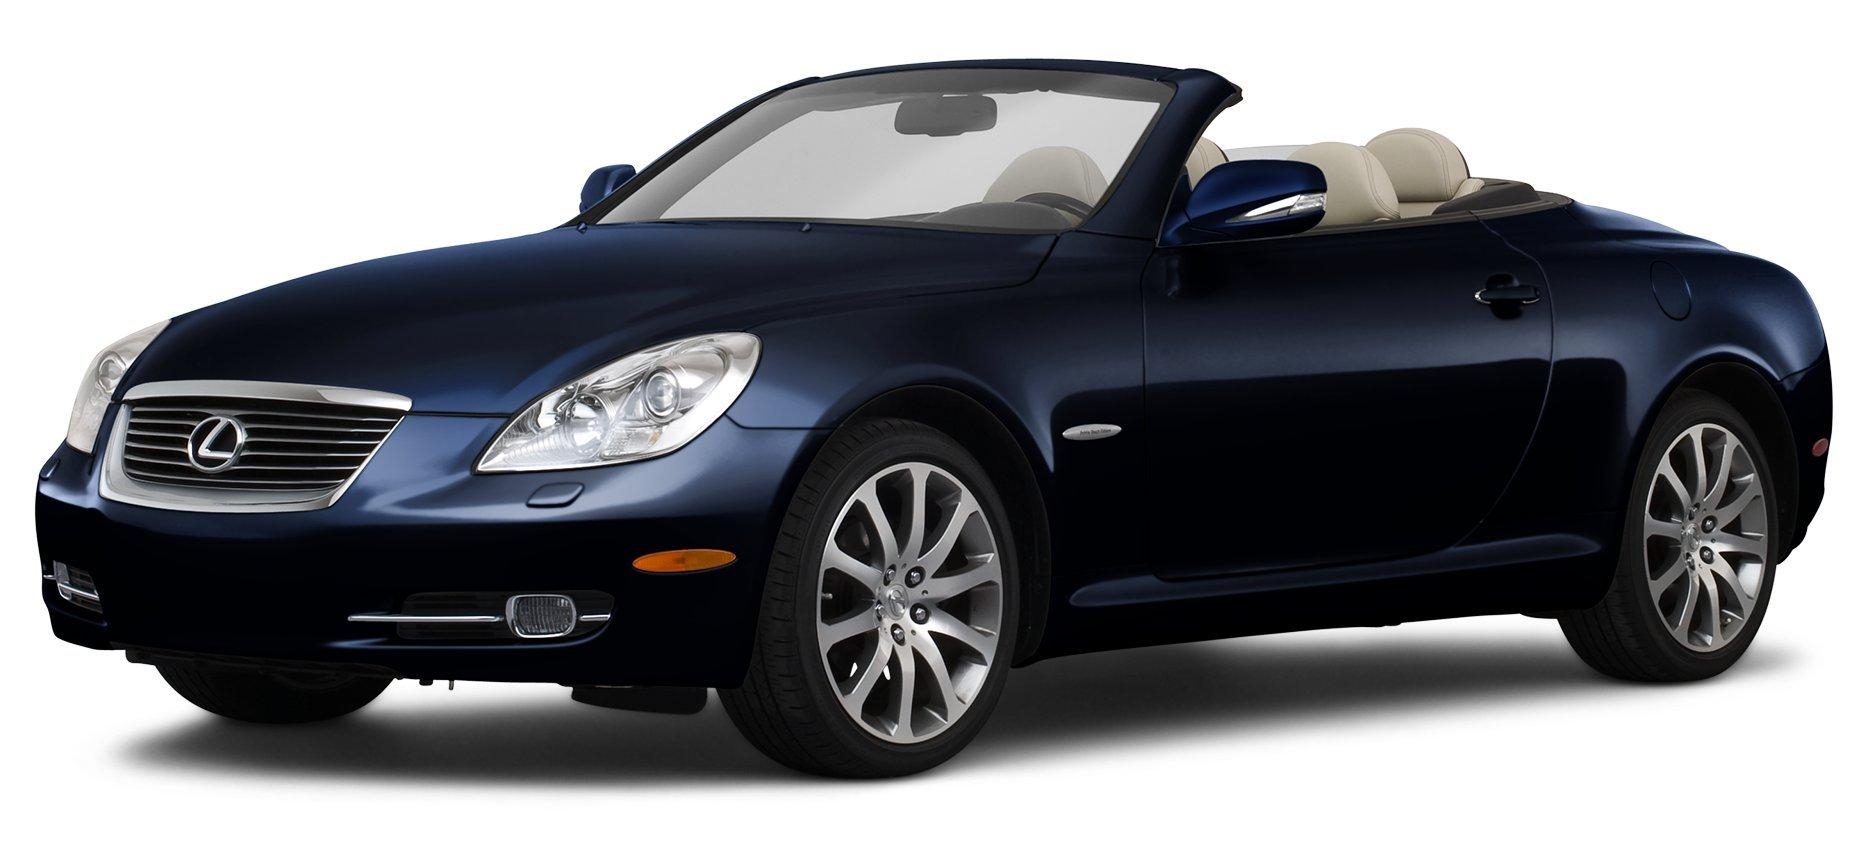 Amazon.com: 2009 Lexus SC430 Reviews, Images, and Specs: Vehicles